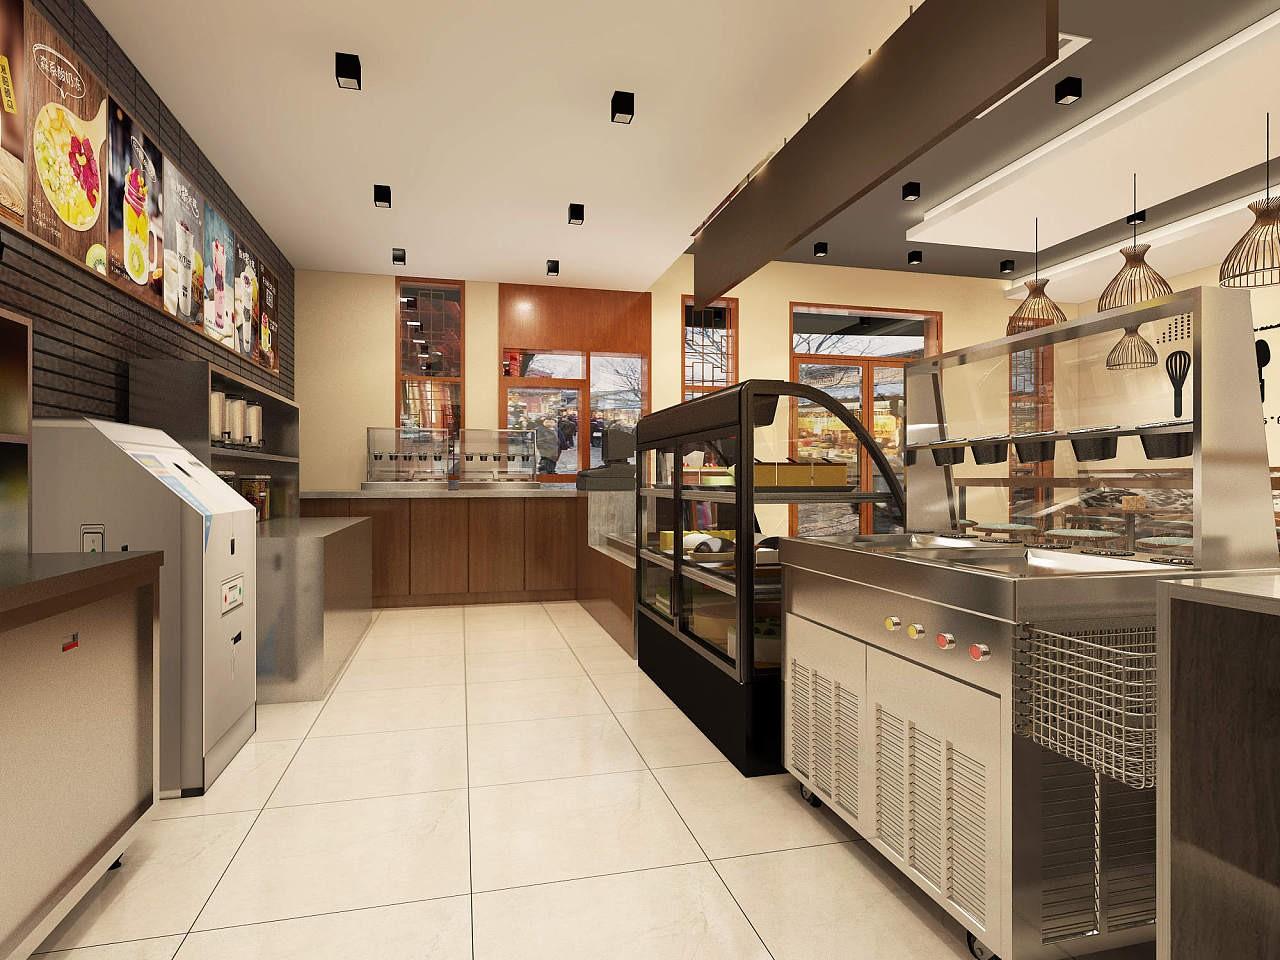 深圳奶茶店装修与深圳奶茶店装修设计有哪些不同?